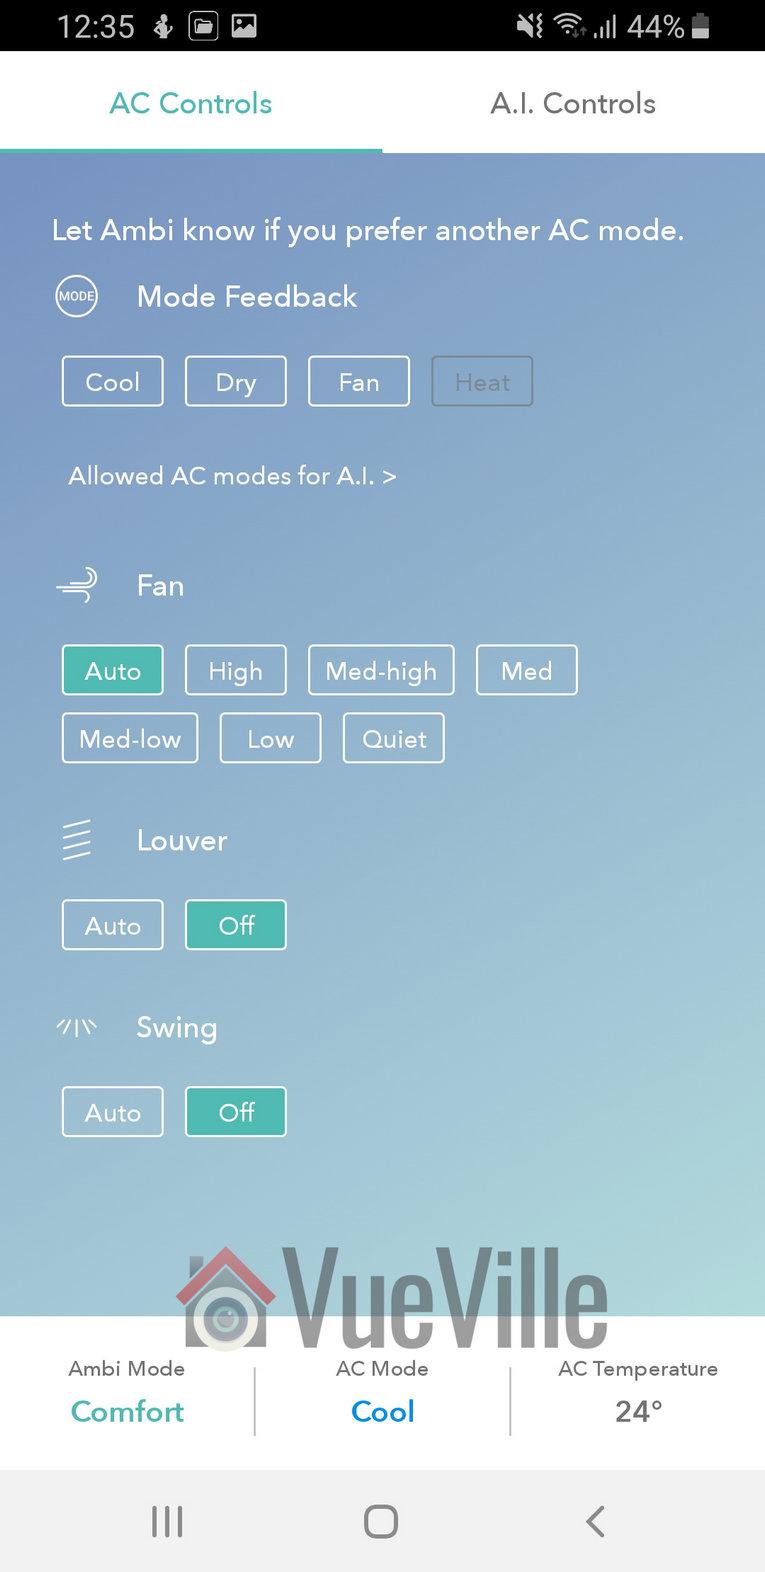 Ambi Climate Review - App Review - AC Controls - VueVille